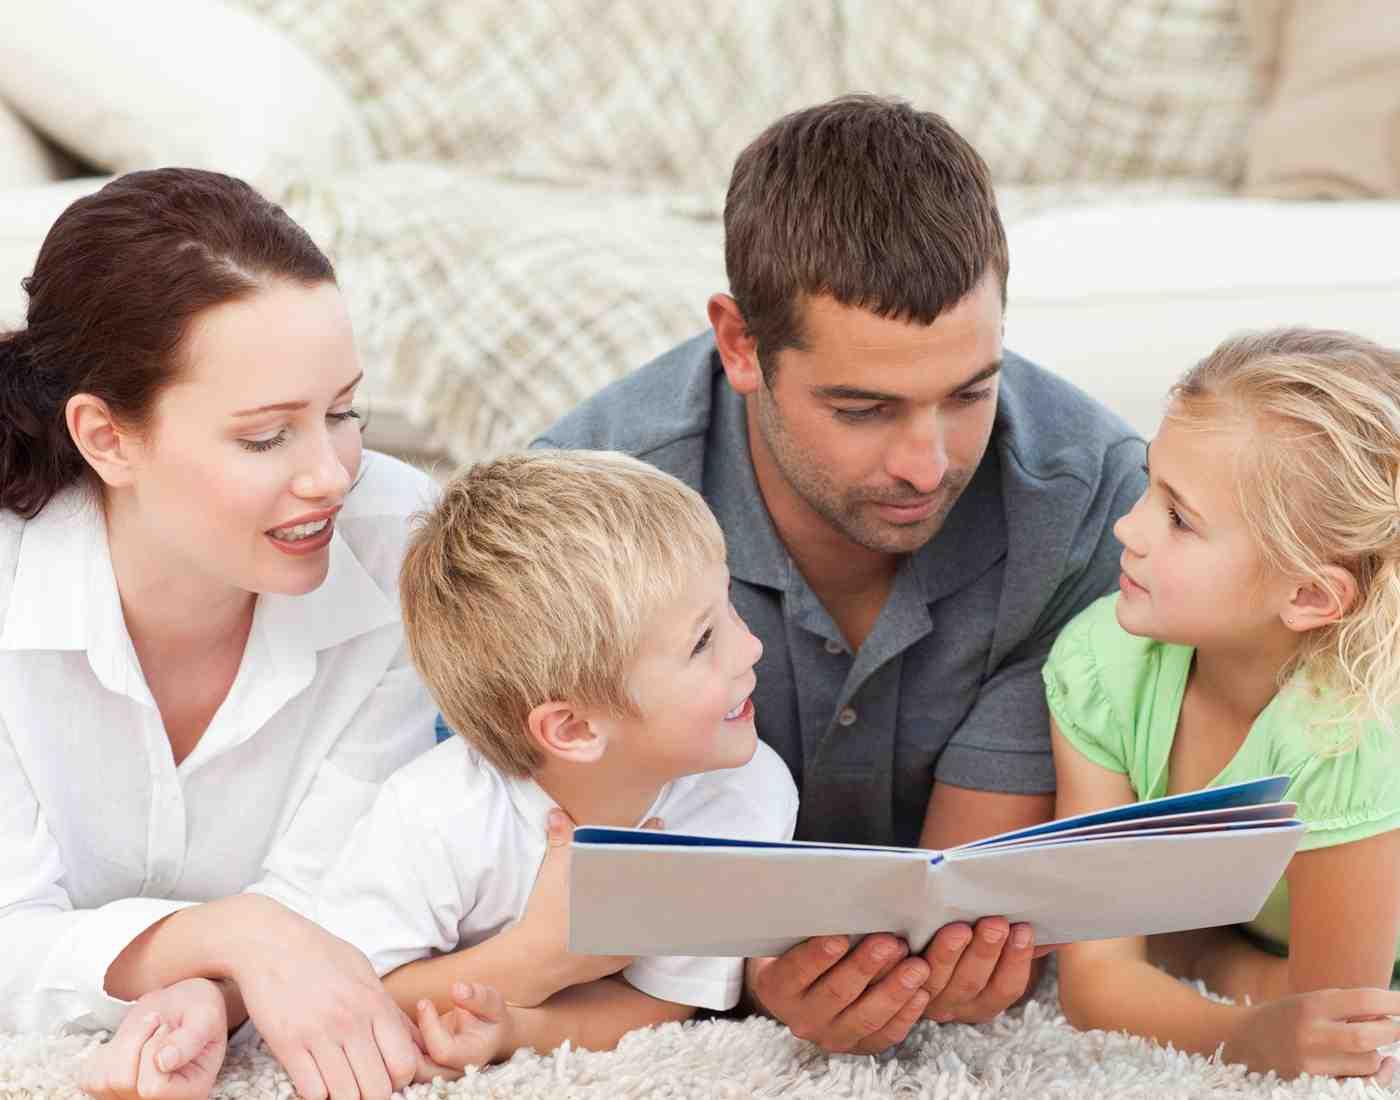 Οι γονείς ως εταίροι του σχολείου ευνοούν και προάγουν την εκπαιδευτική διαδικασία